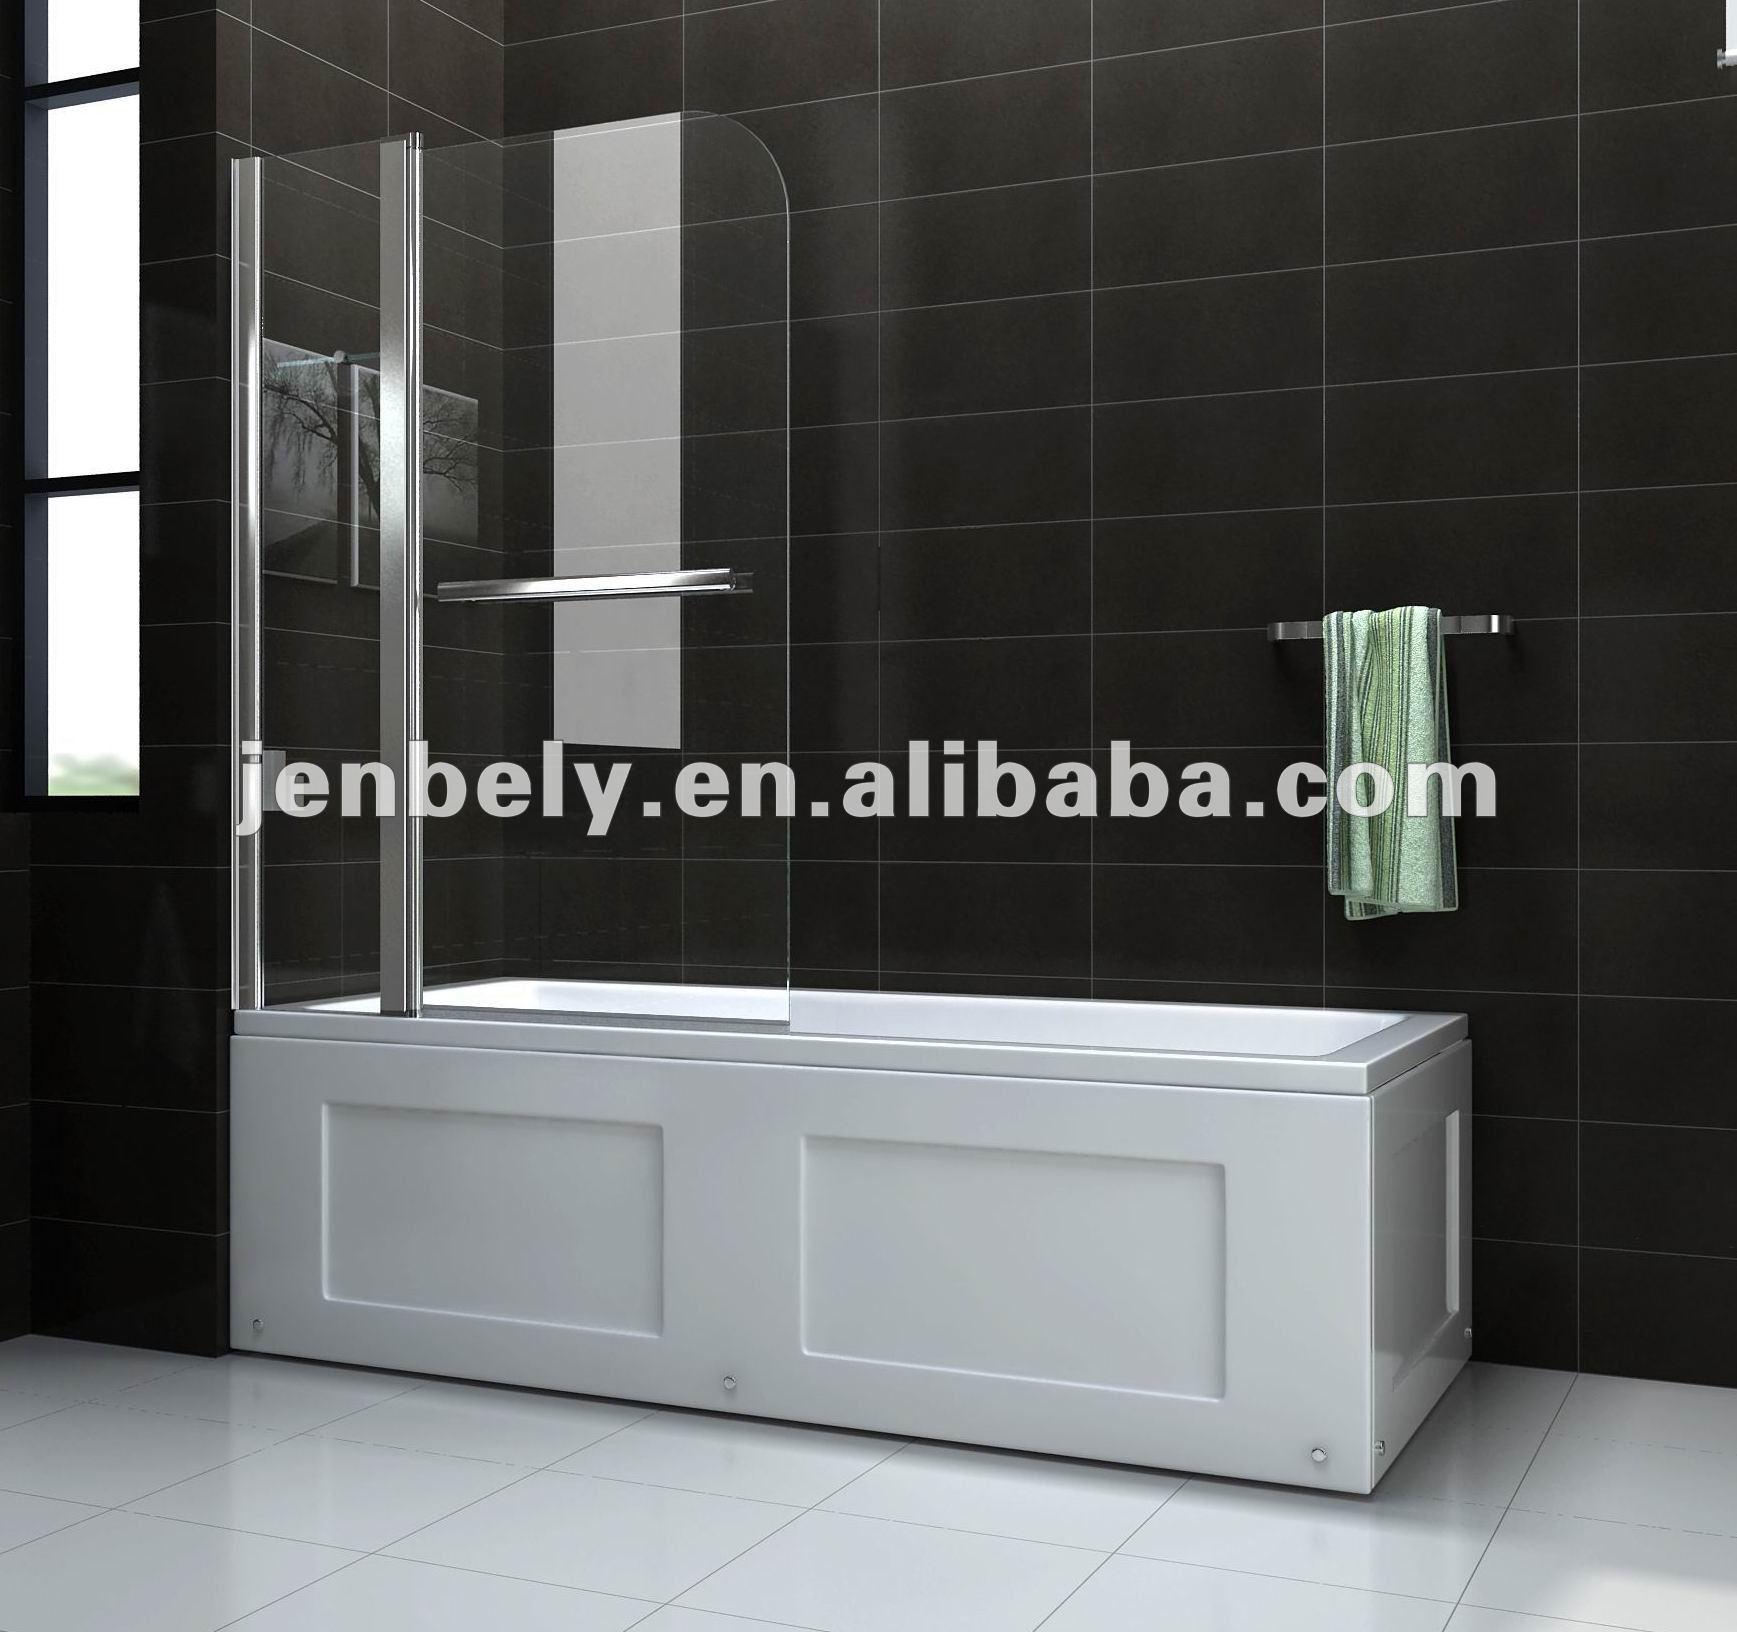 Vetro vasca da bagno vasca da bagno schermo bagno con - Bagno doccia vasca ...